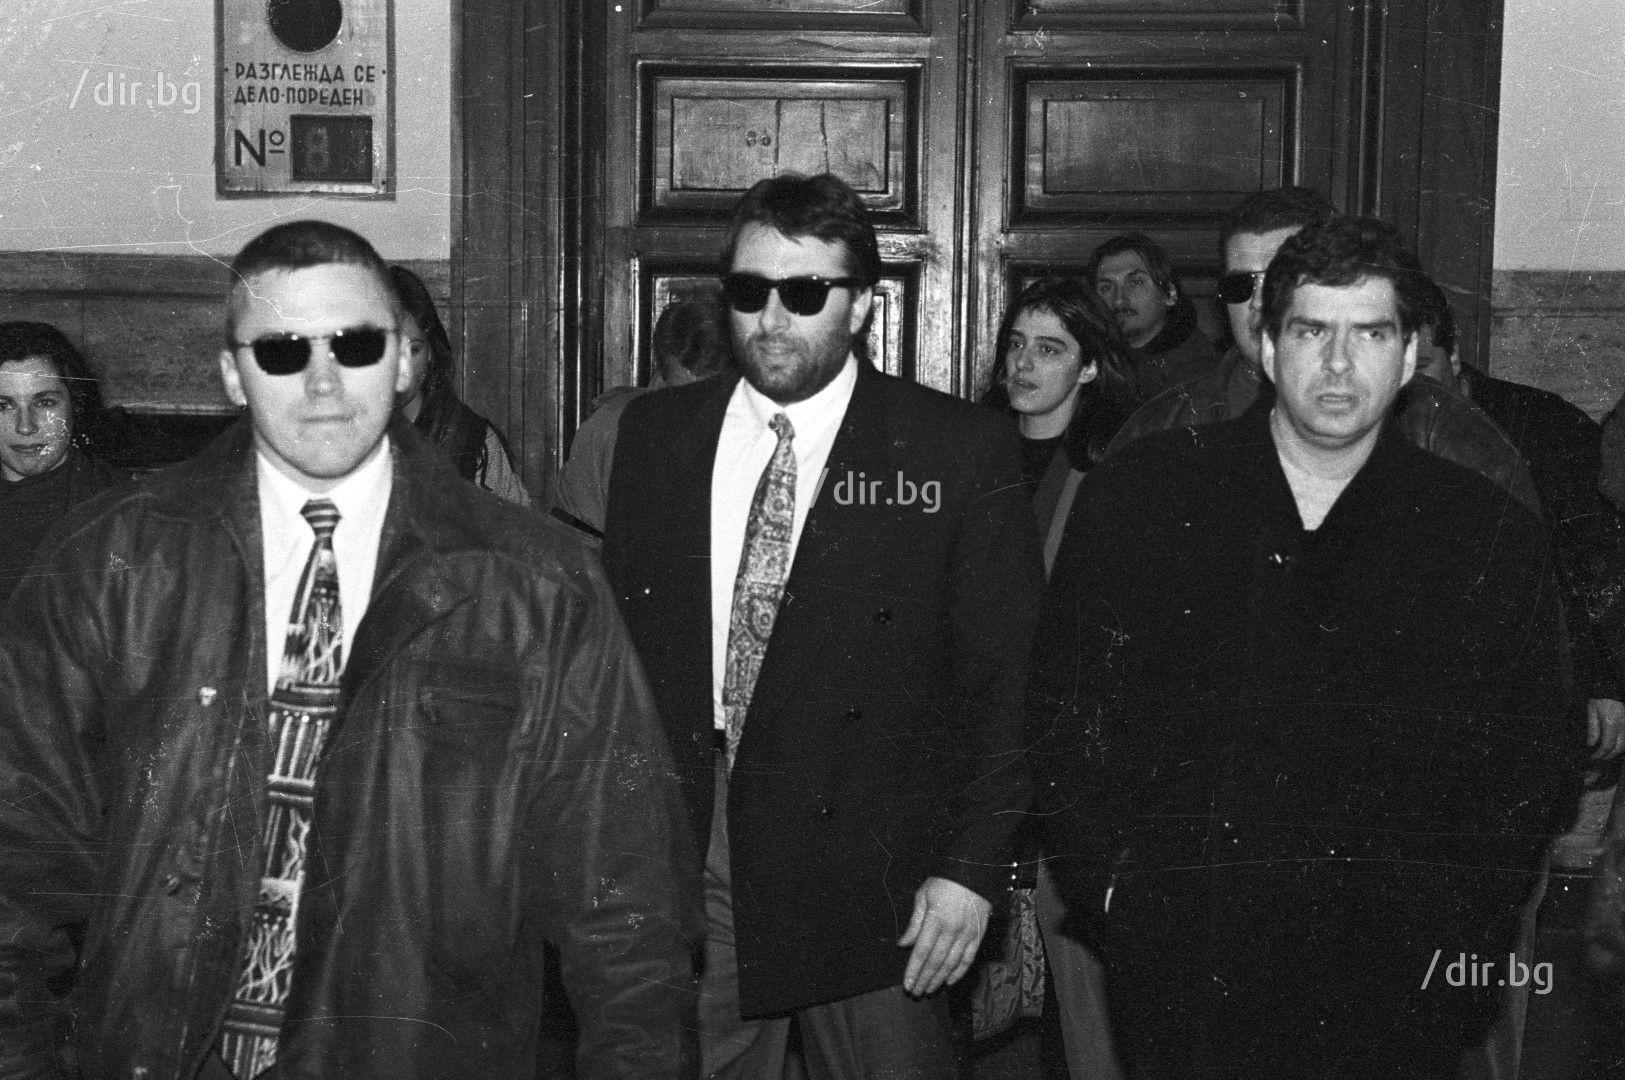 Показанията на Карамански обръщат хода на делото. Той е първият съобщил, че е чул изстрели край камиона. След това отрича и така става ясно, че лъже или поне не казва цялата истина.